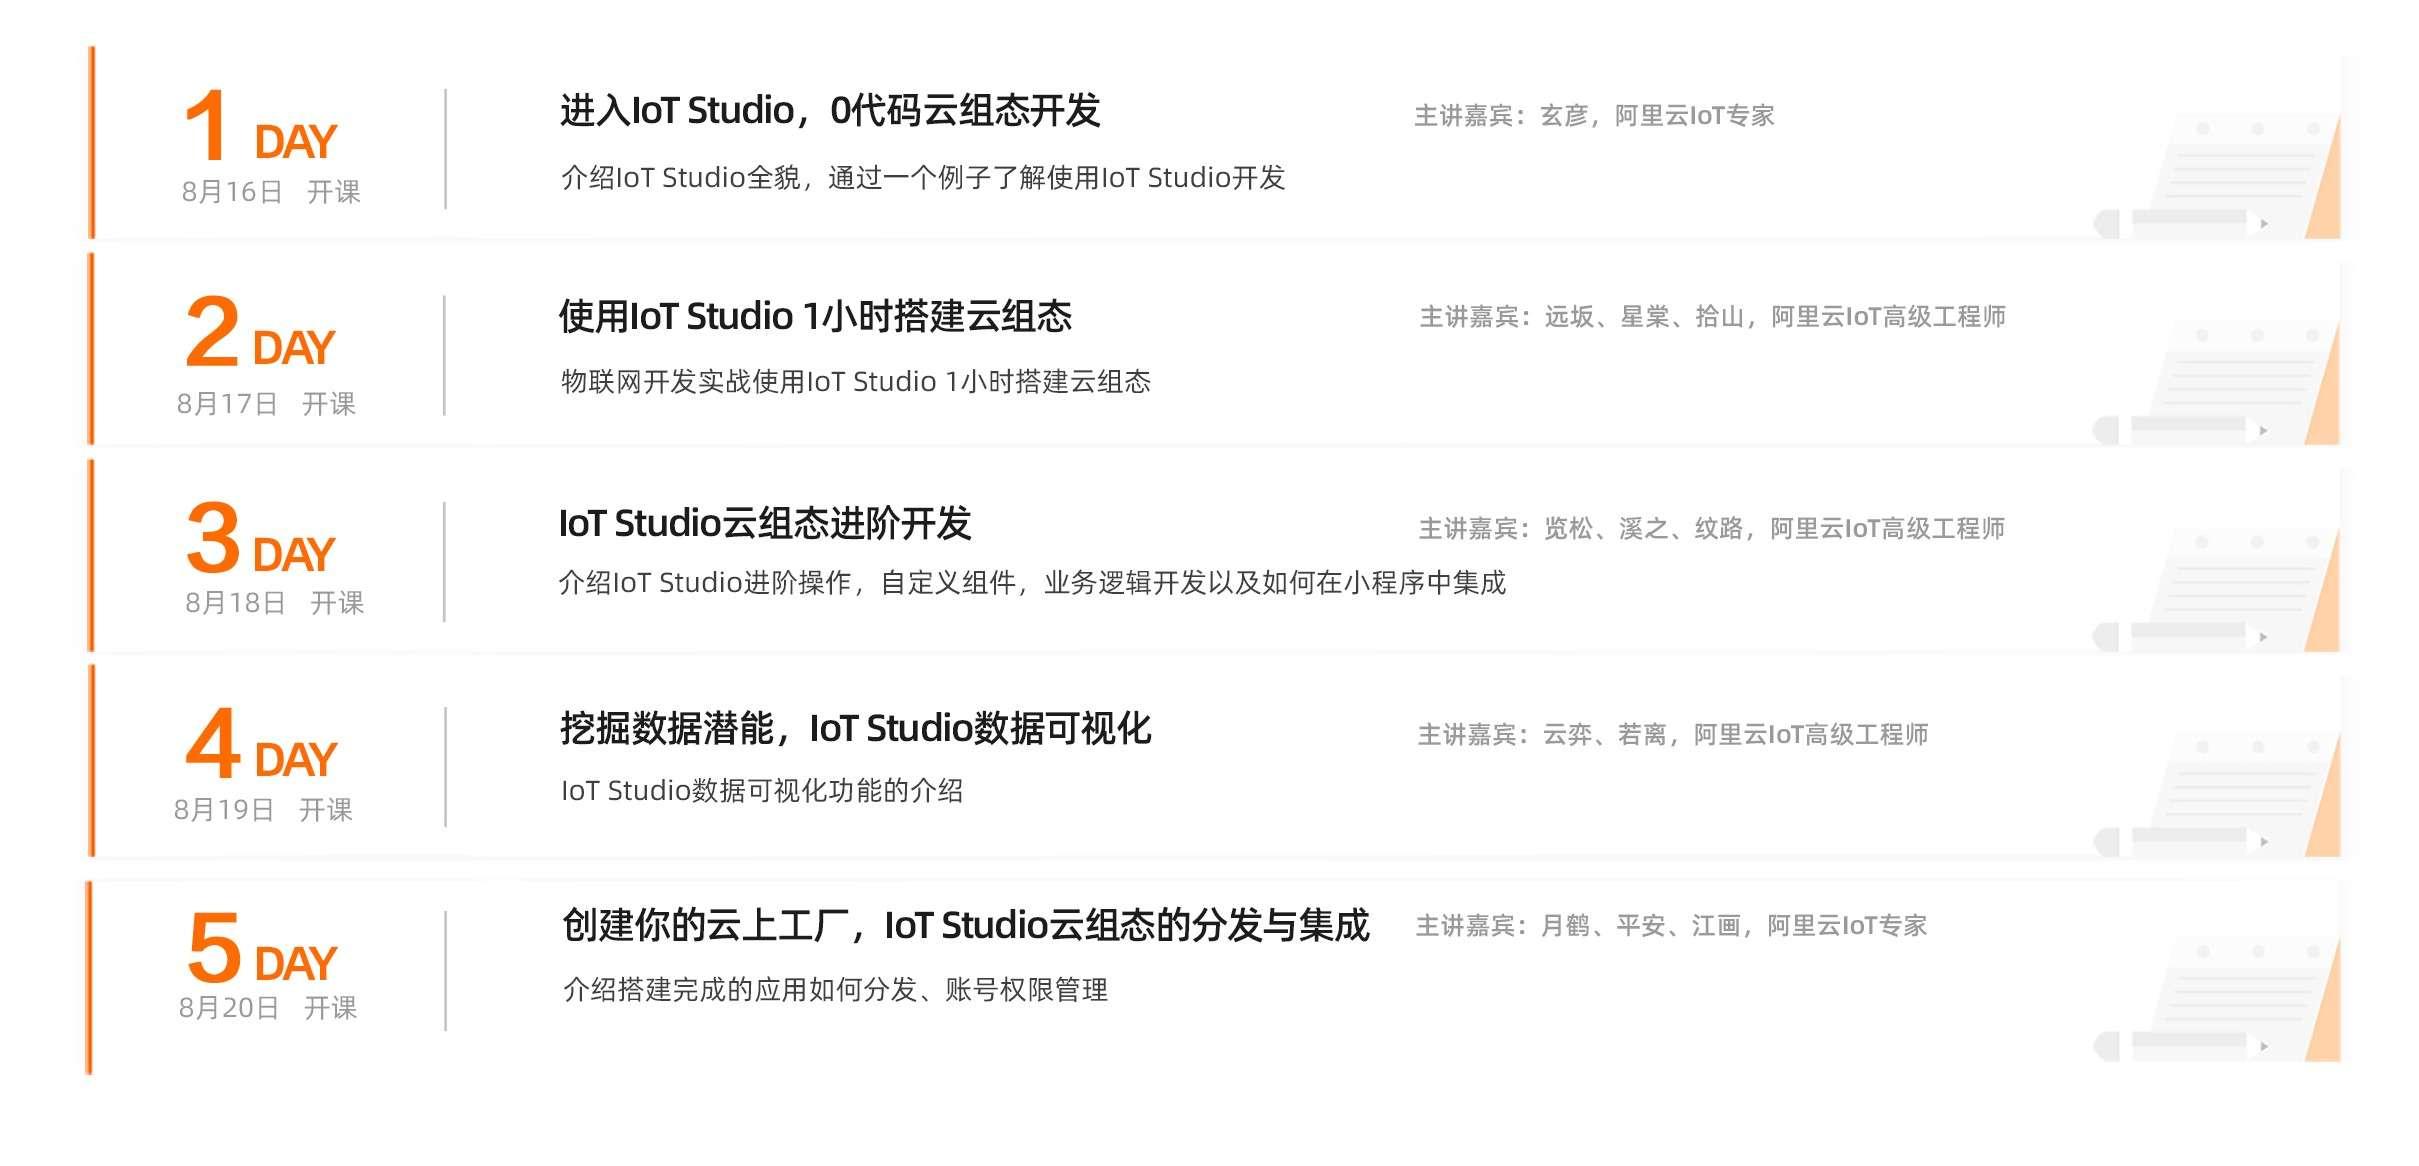 五营连开第四期—物联网应用开发IoT Studio训练营打卡引导